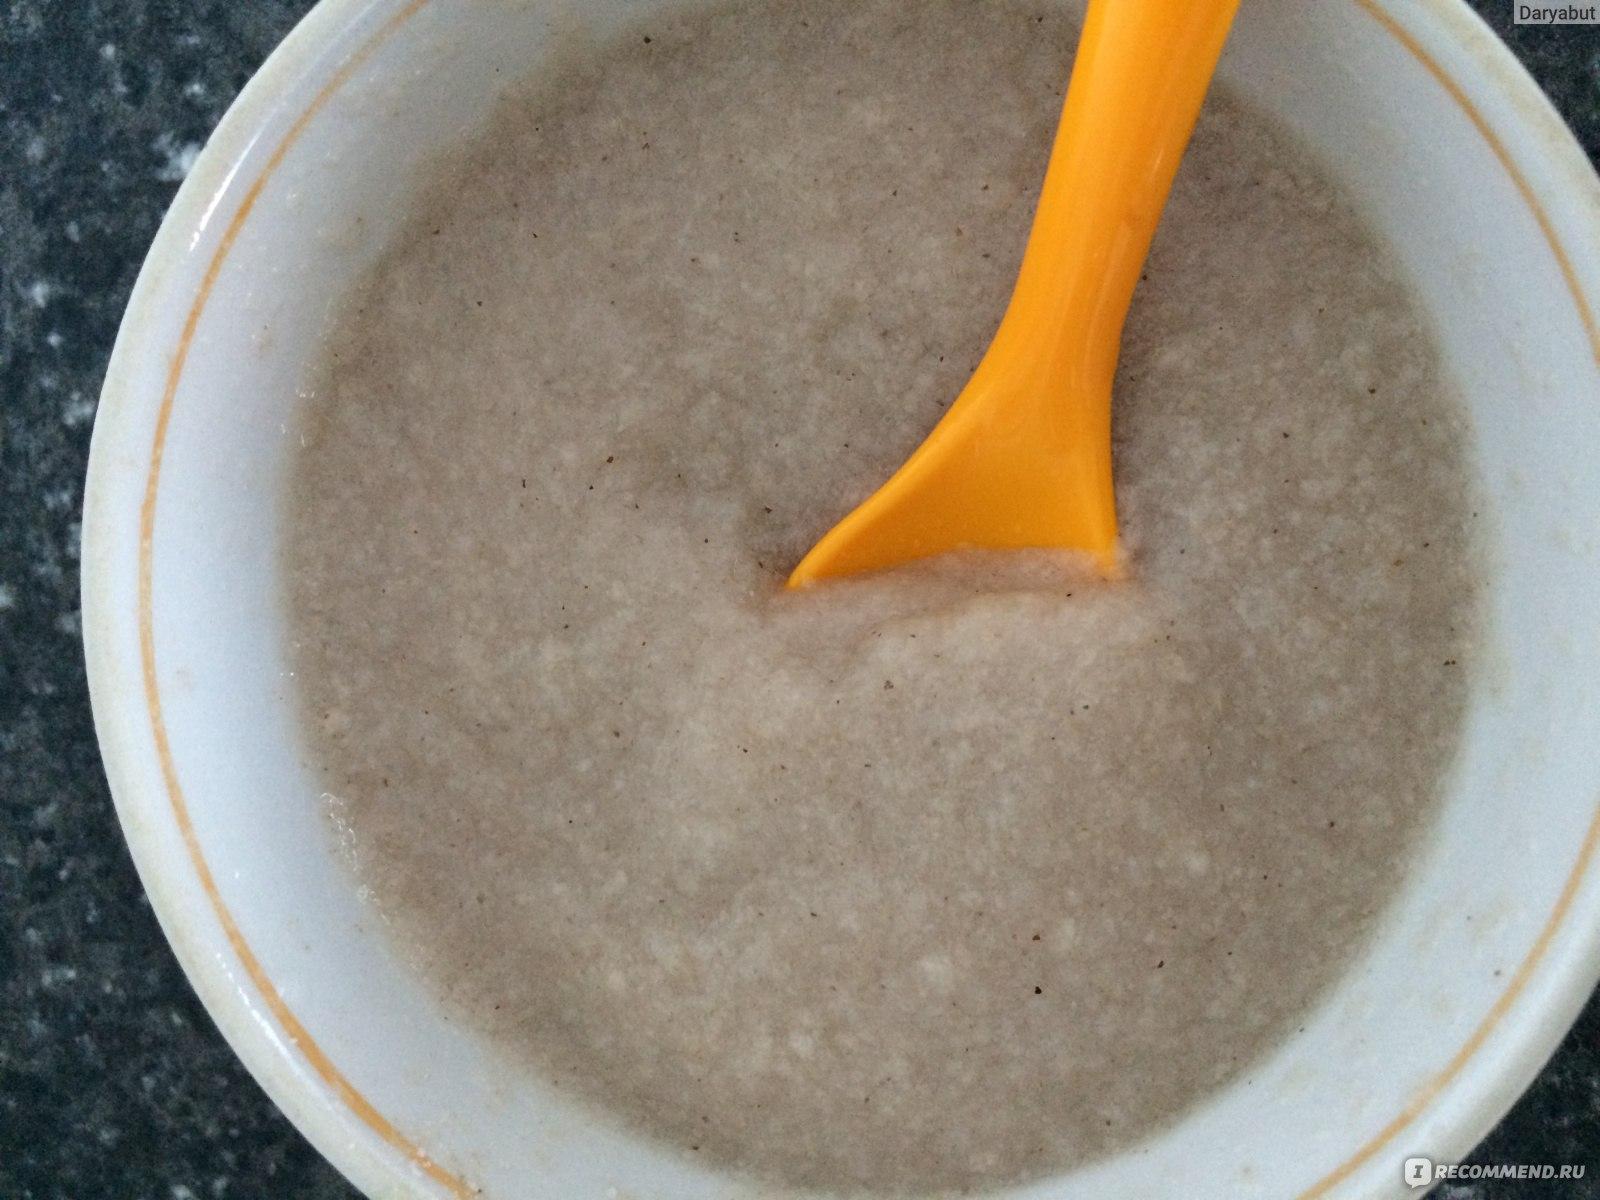 Гречневая каша для грудничка – кулинарный рецепт